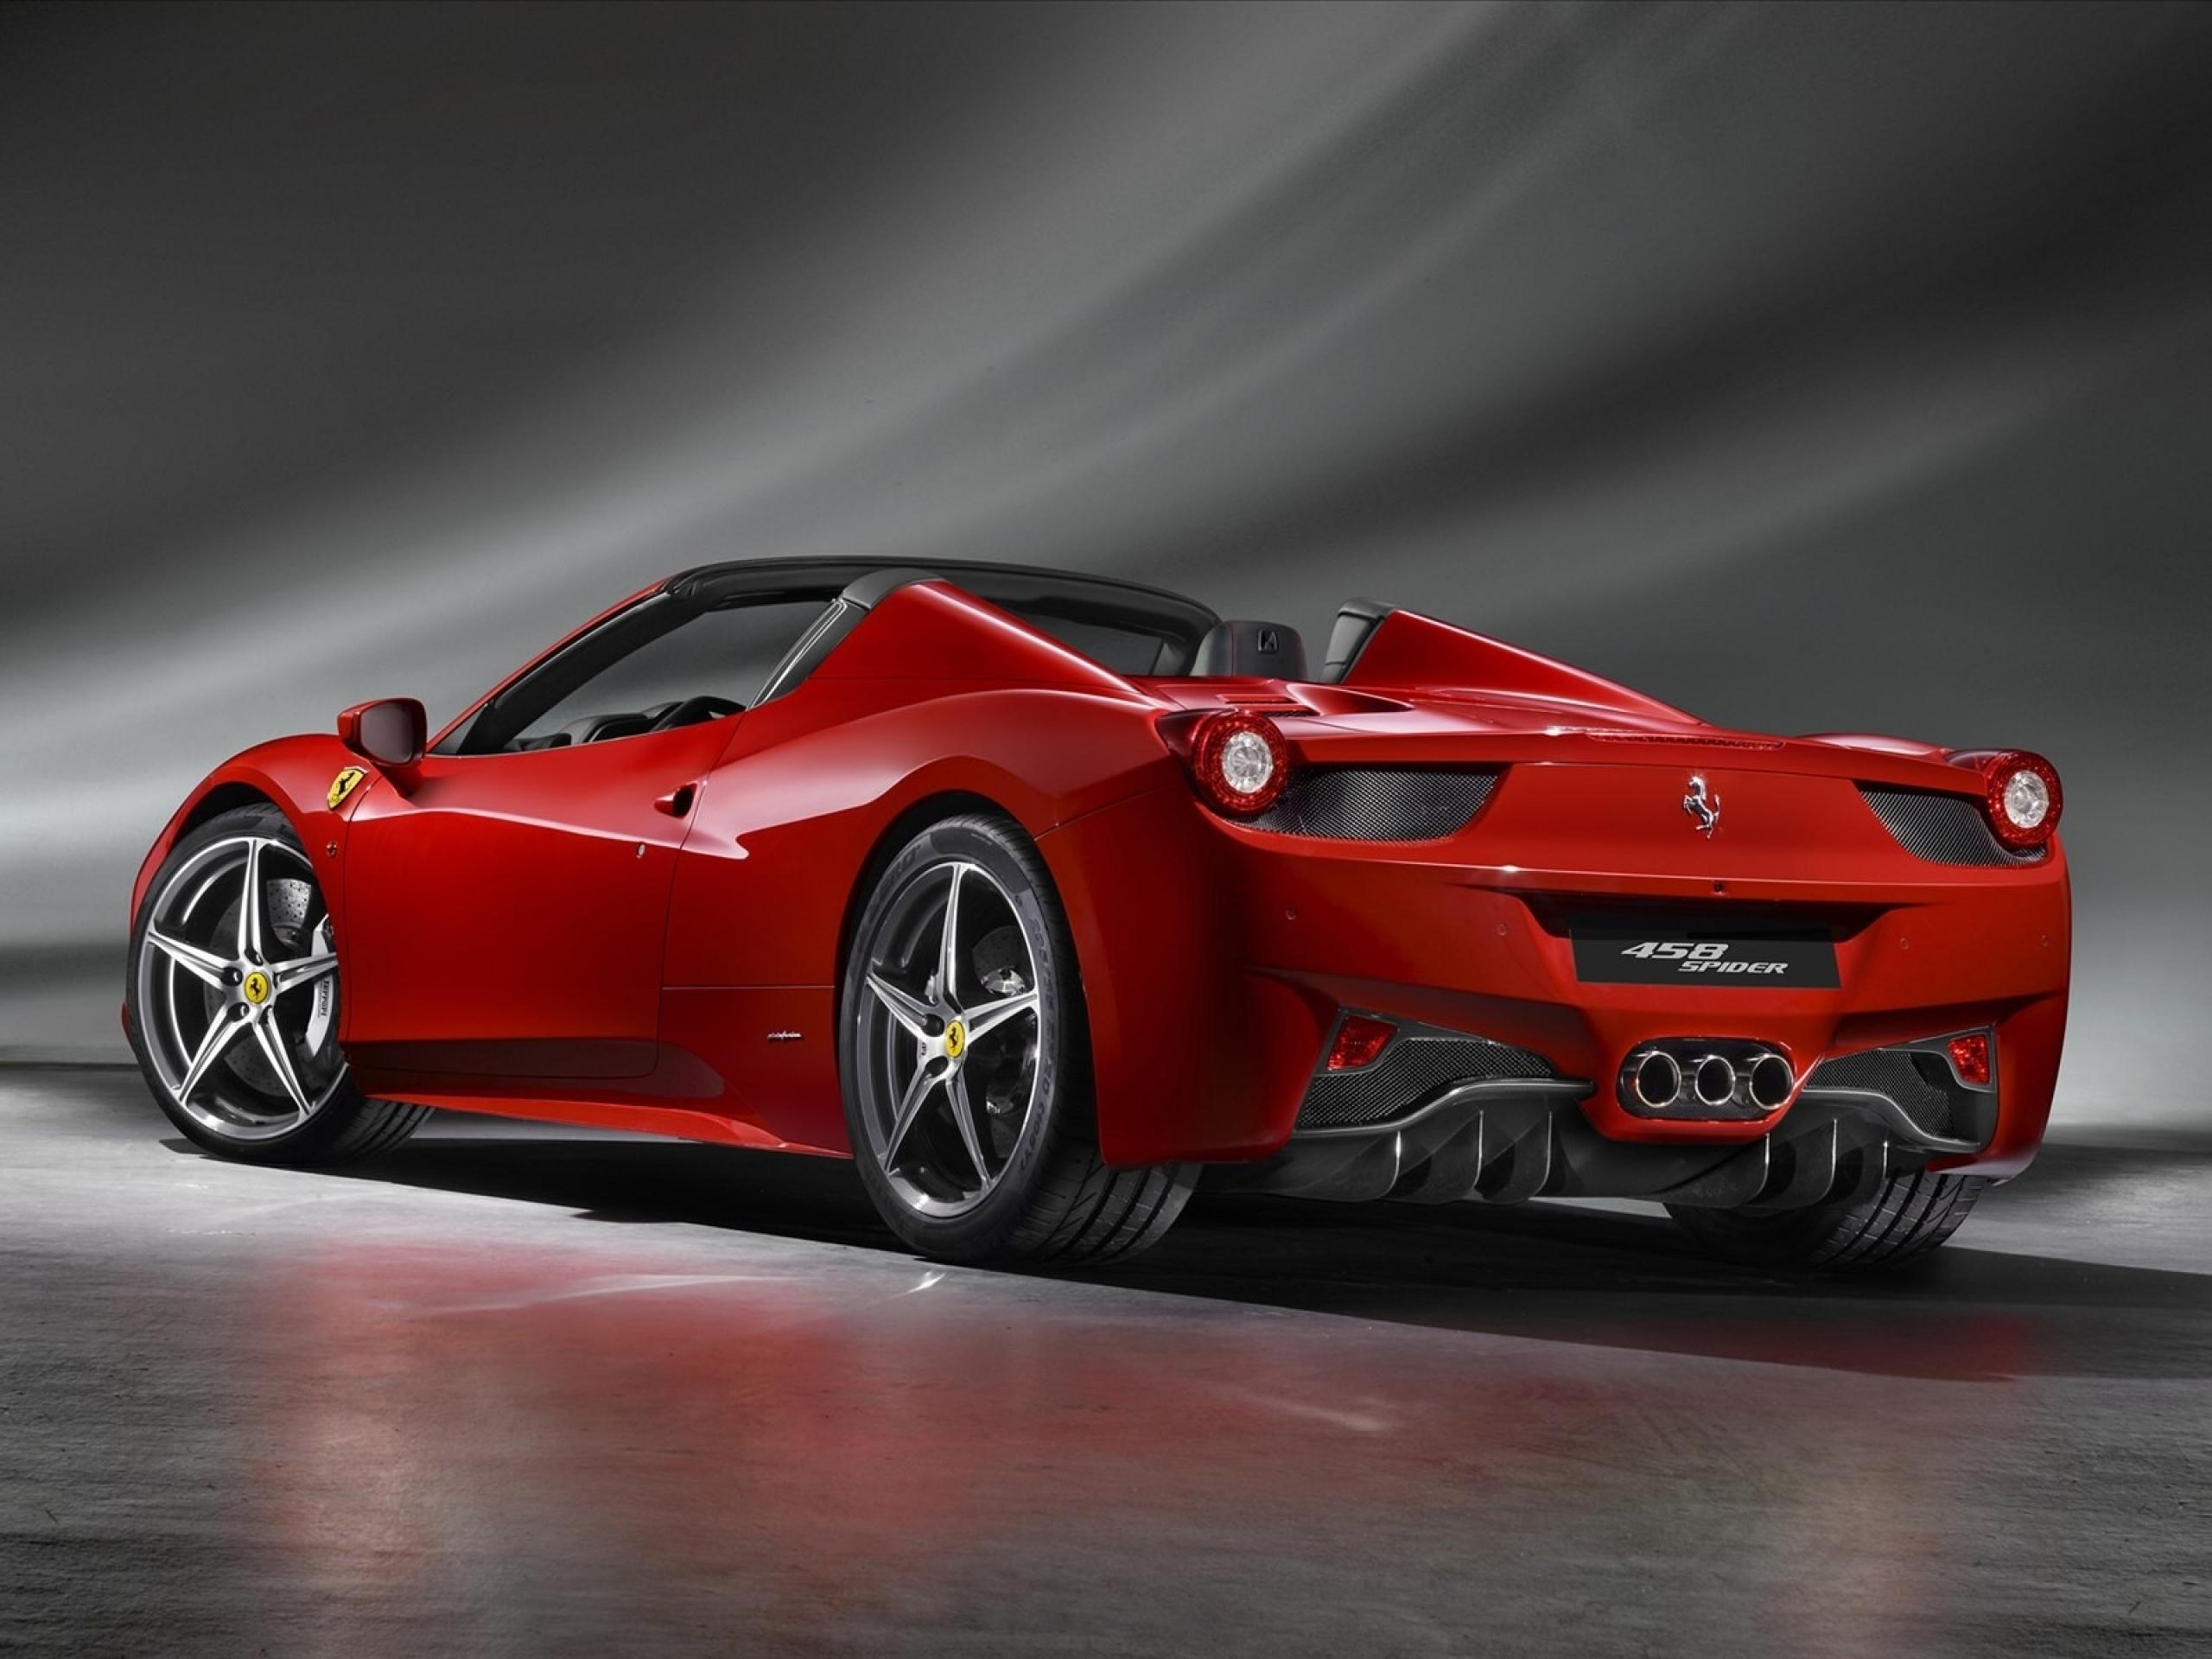 Ferrari 458 Italia Wallpapers, Pictures, Images